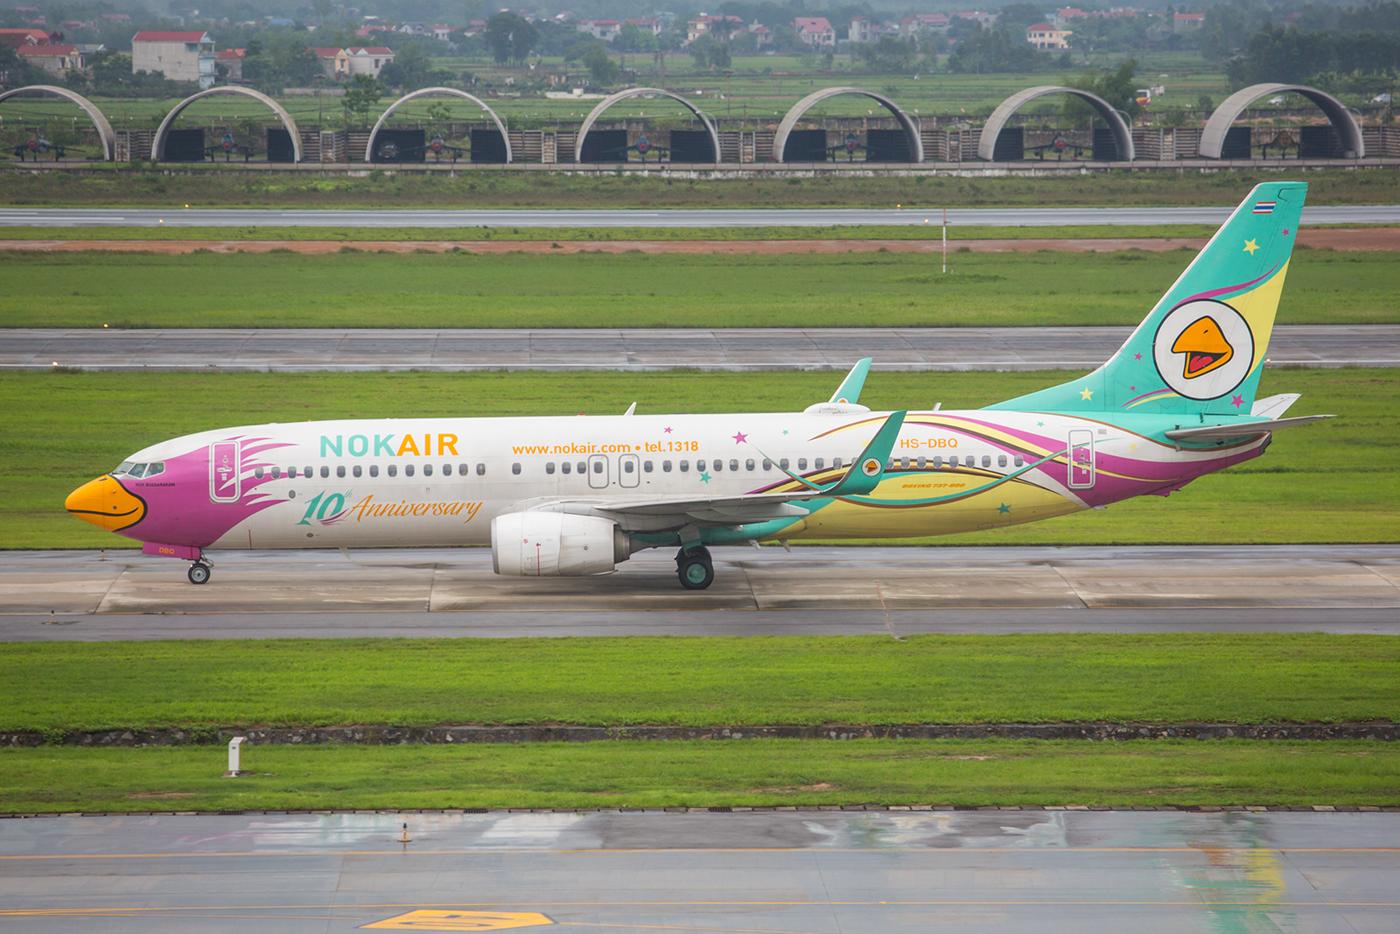 Die farbenfrohe NOK Air feiert auch schon ihr 10jähriges Jubiläum.